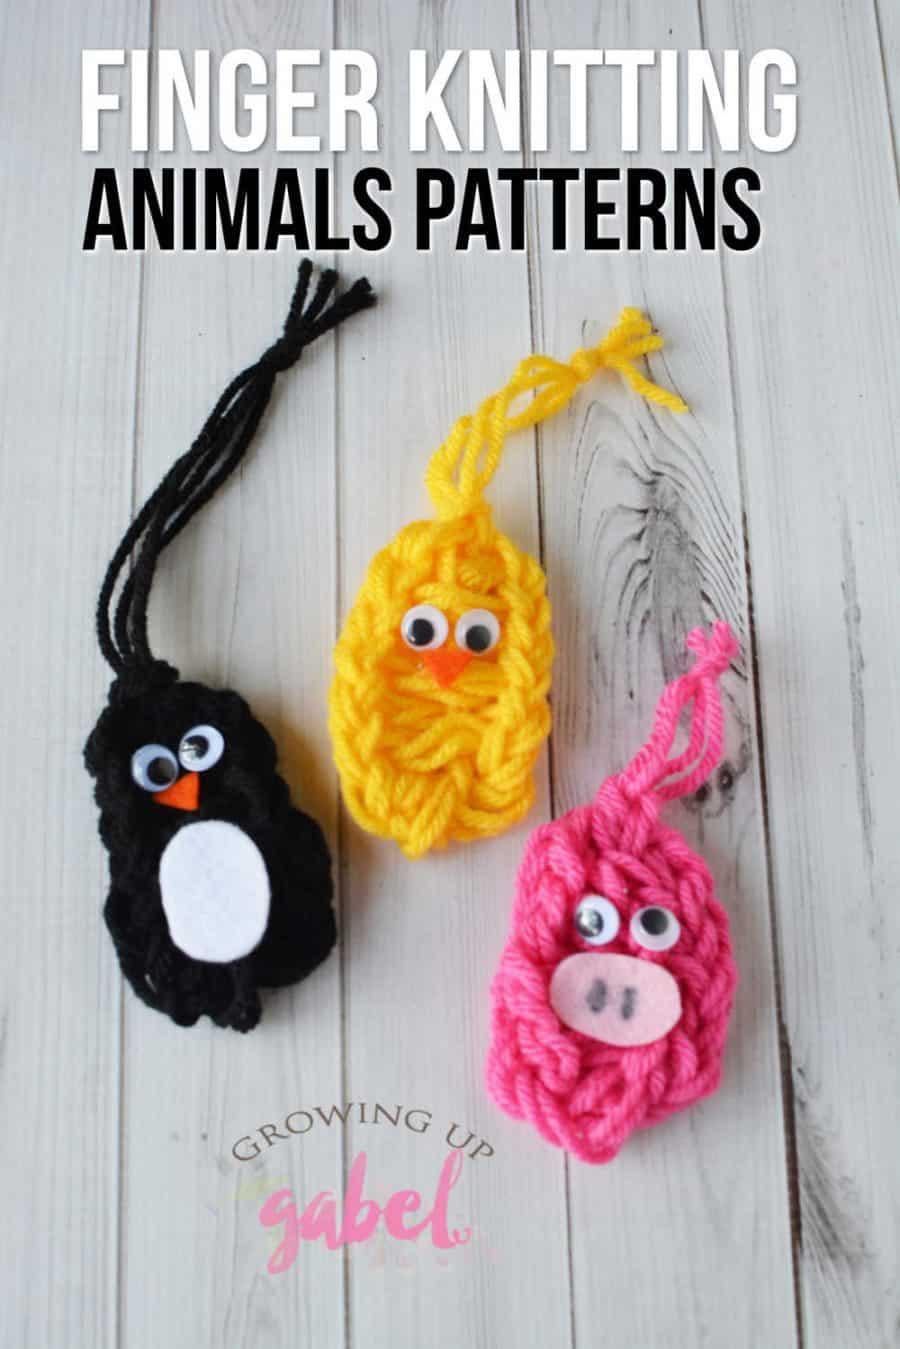 FInger-Knitting-ANimals-900x1349.jpg